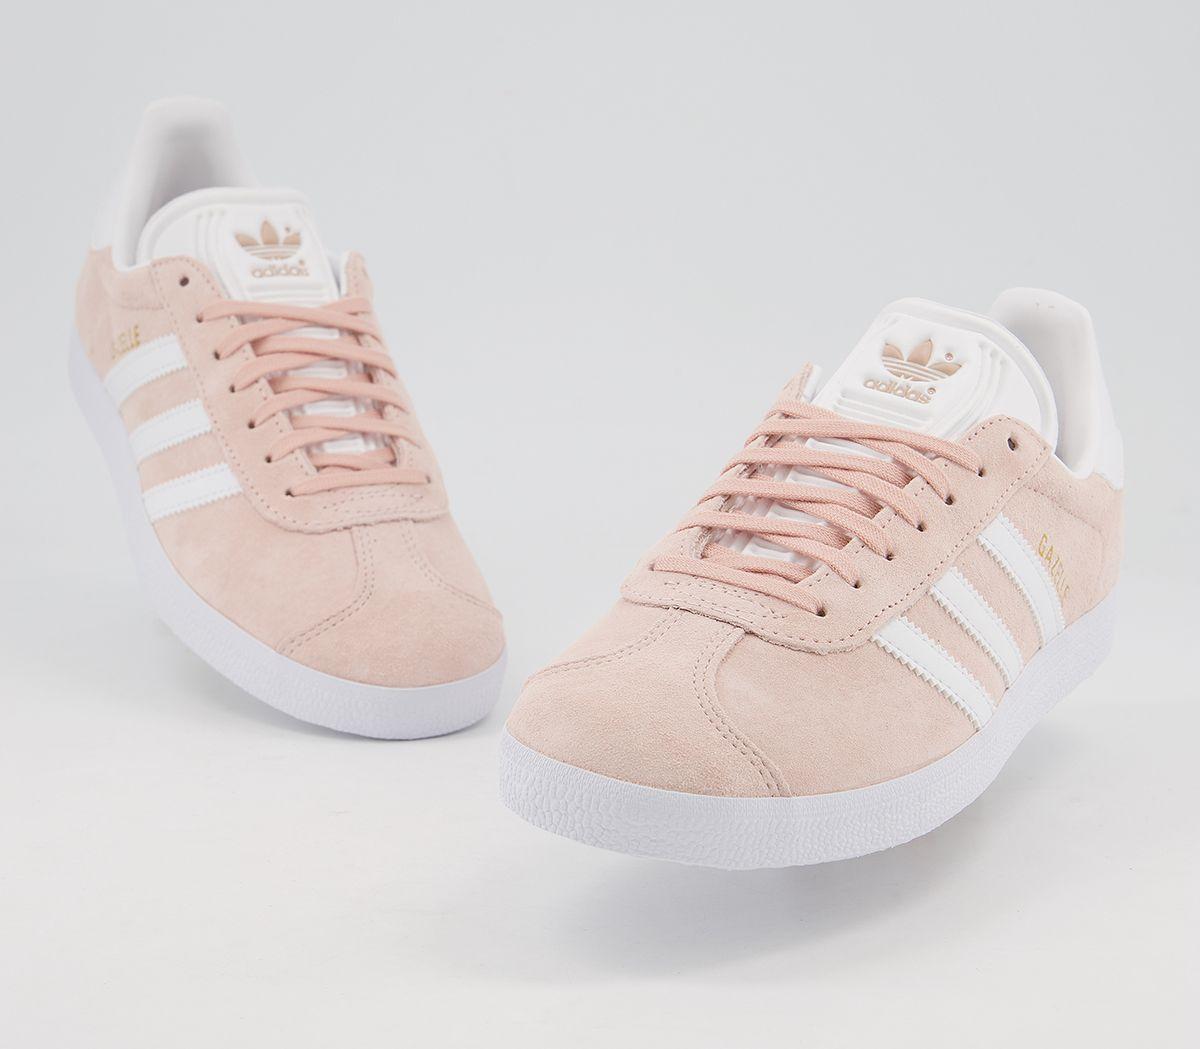 a7ae3d3ea Adidas-Gazelle-vapor-Rosa-Blanco-Zapatillas-Zapatos miniatura 8